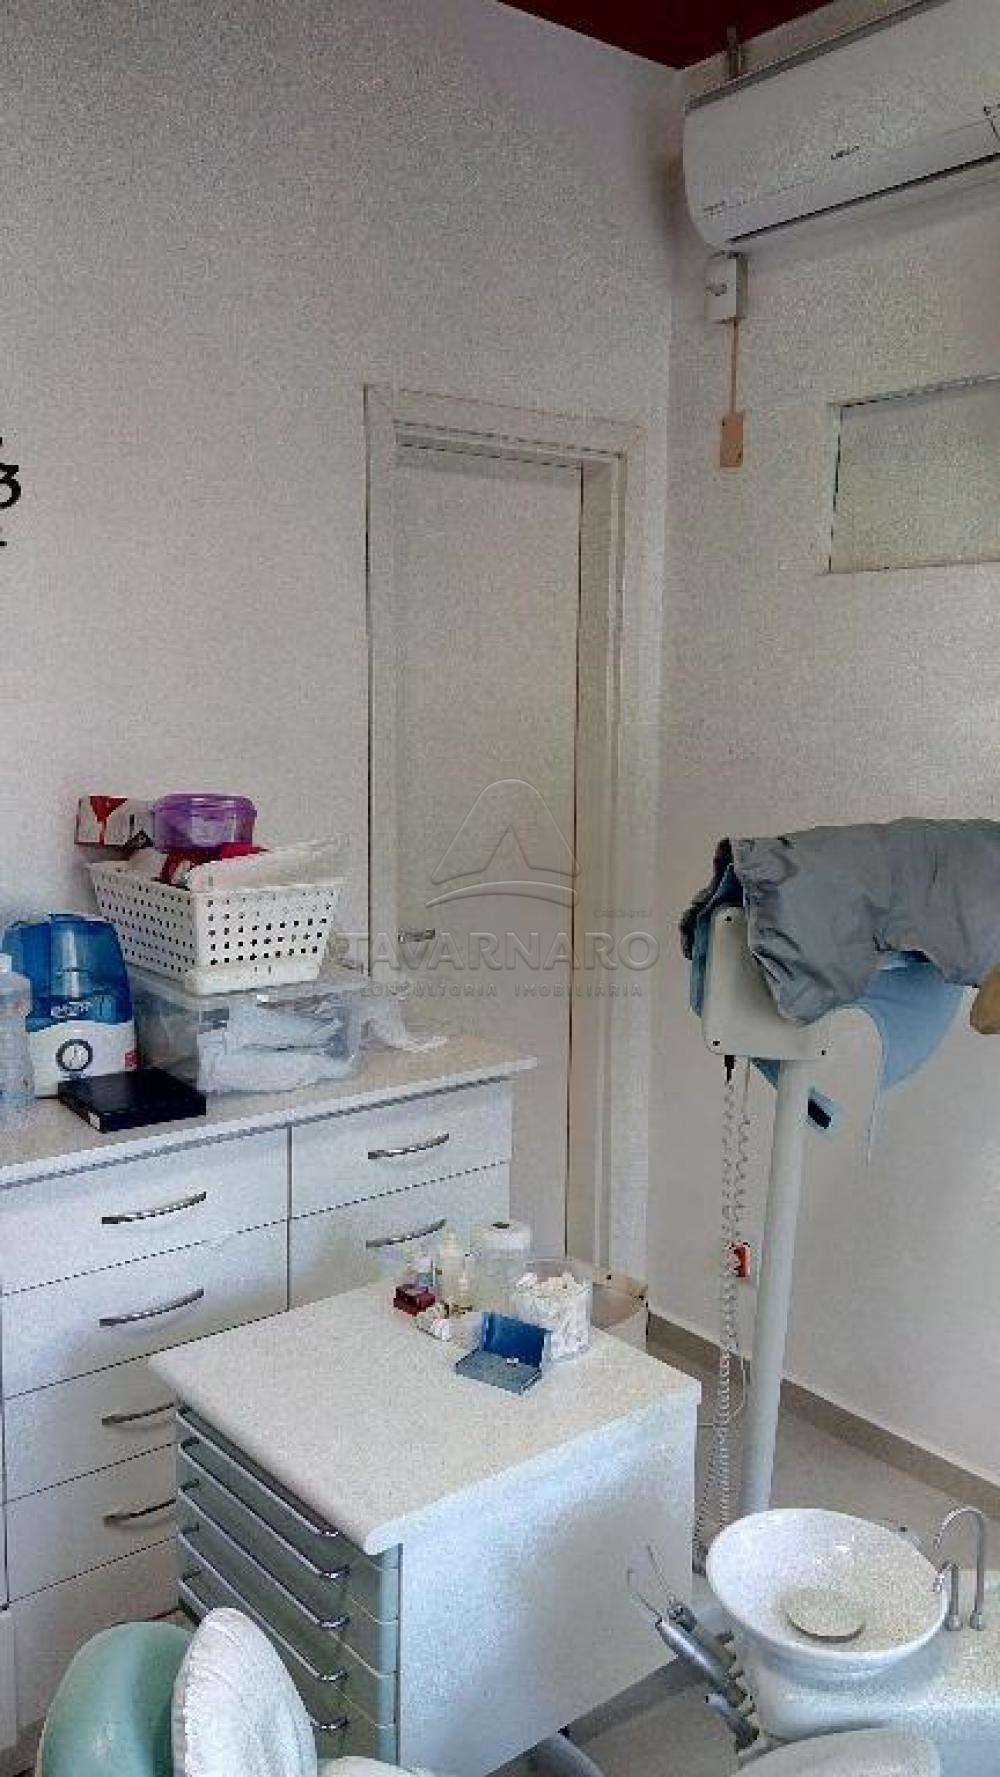 Comprar Casa / Comercial em Ponta Grossa apenas R$ 1.500.000,00 - Foto 10